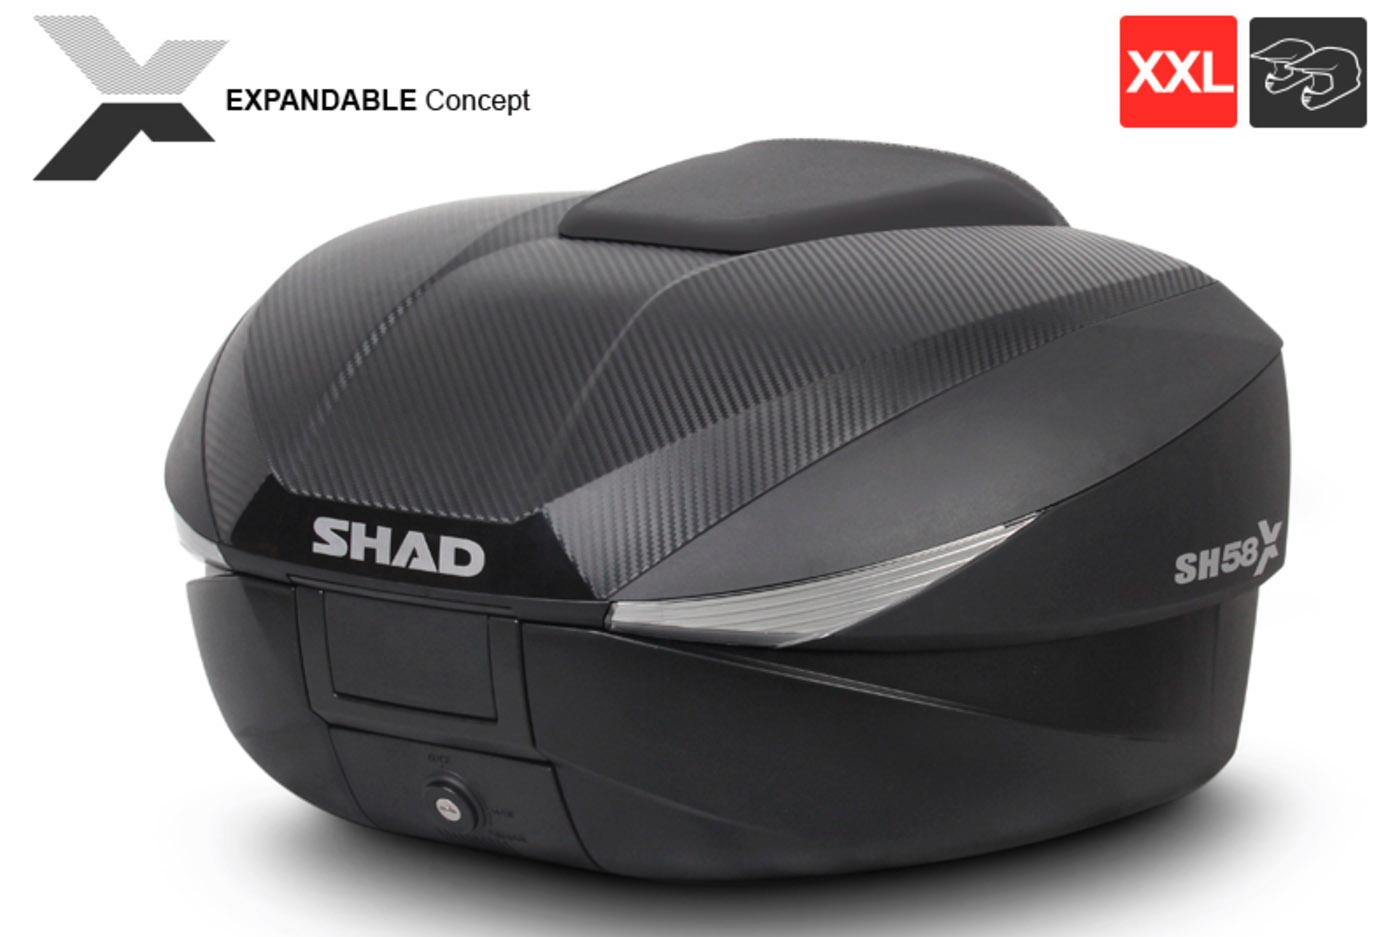 SHAD Expandible SH58X, la maleta que crece según tus necesidades